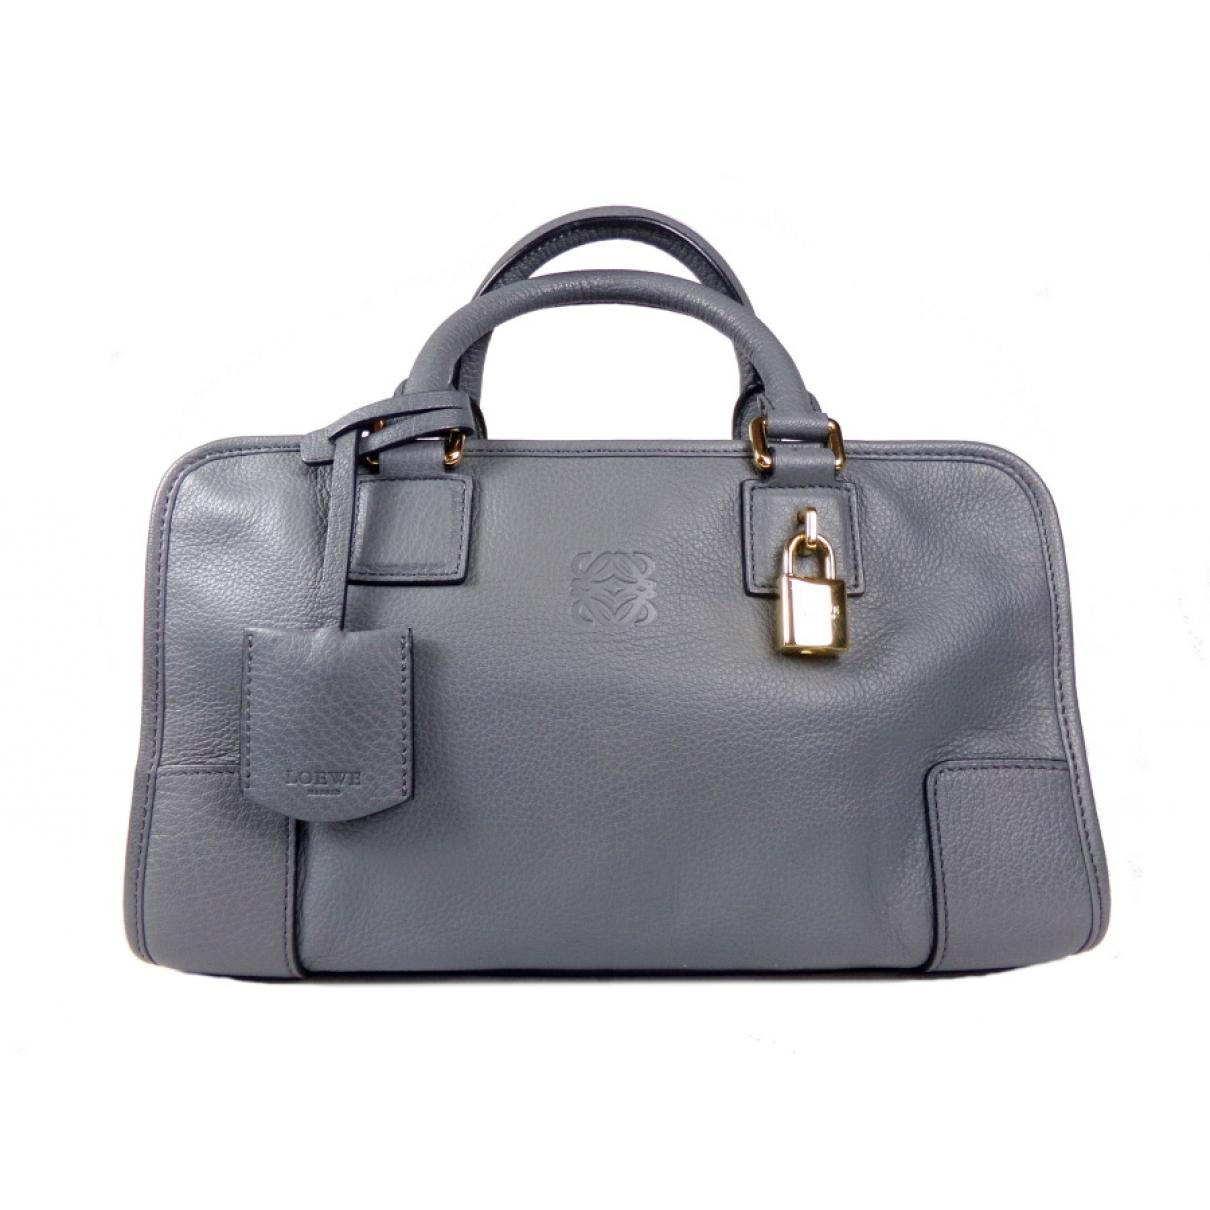 Loewe Amazona Grey Leather handbag for Women \N